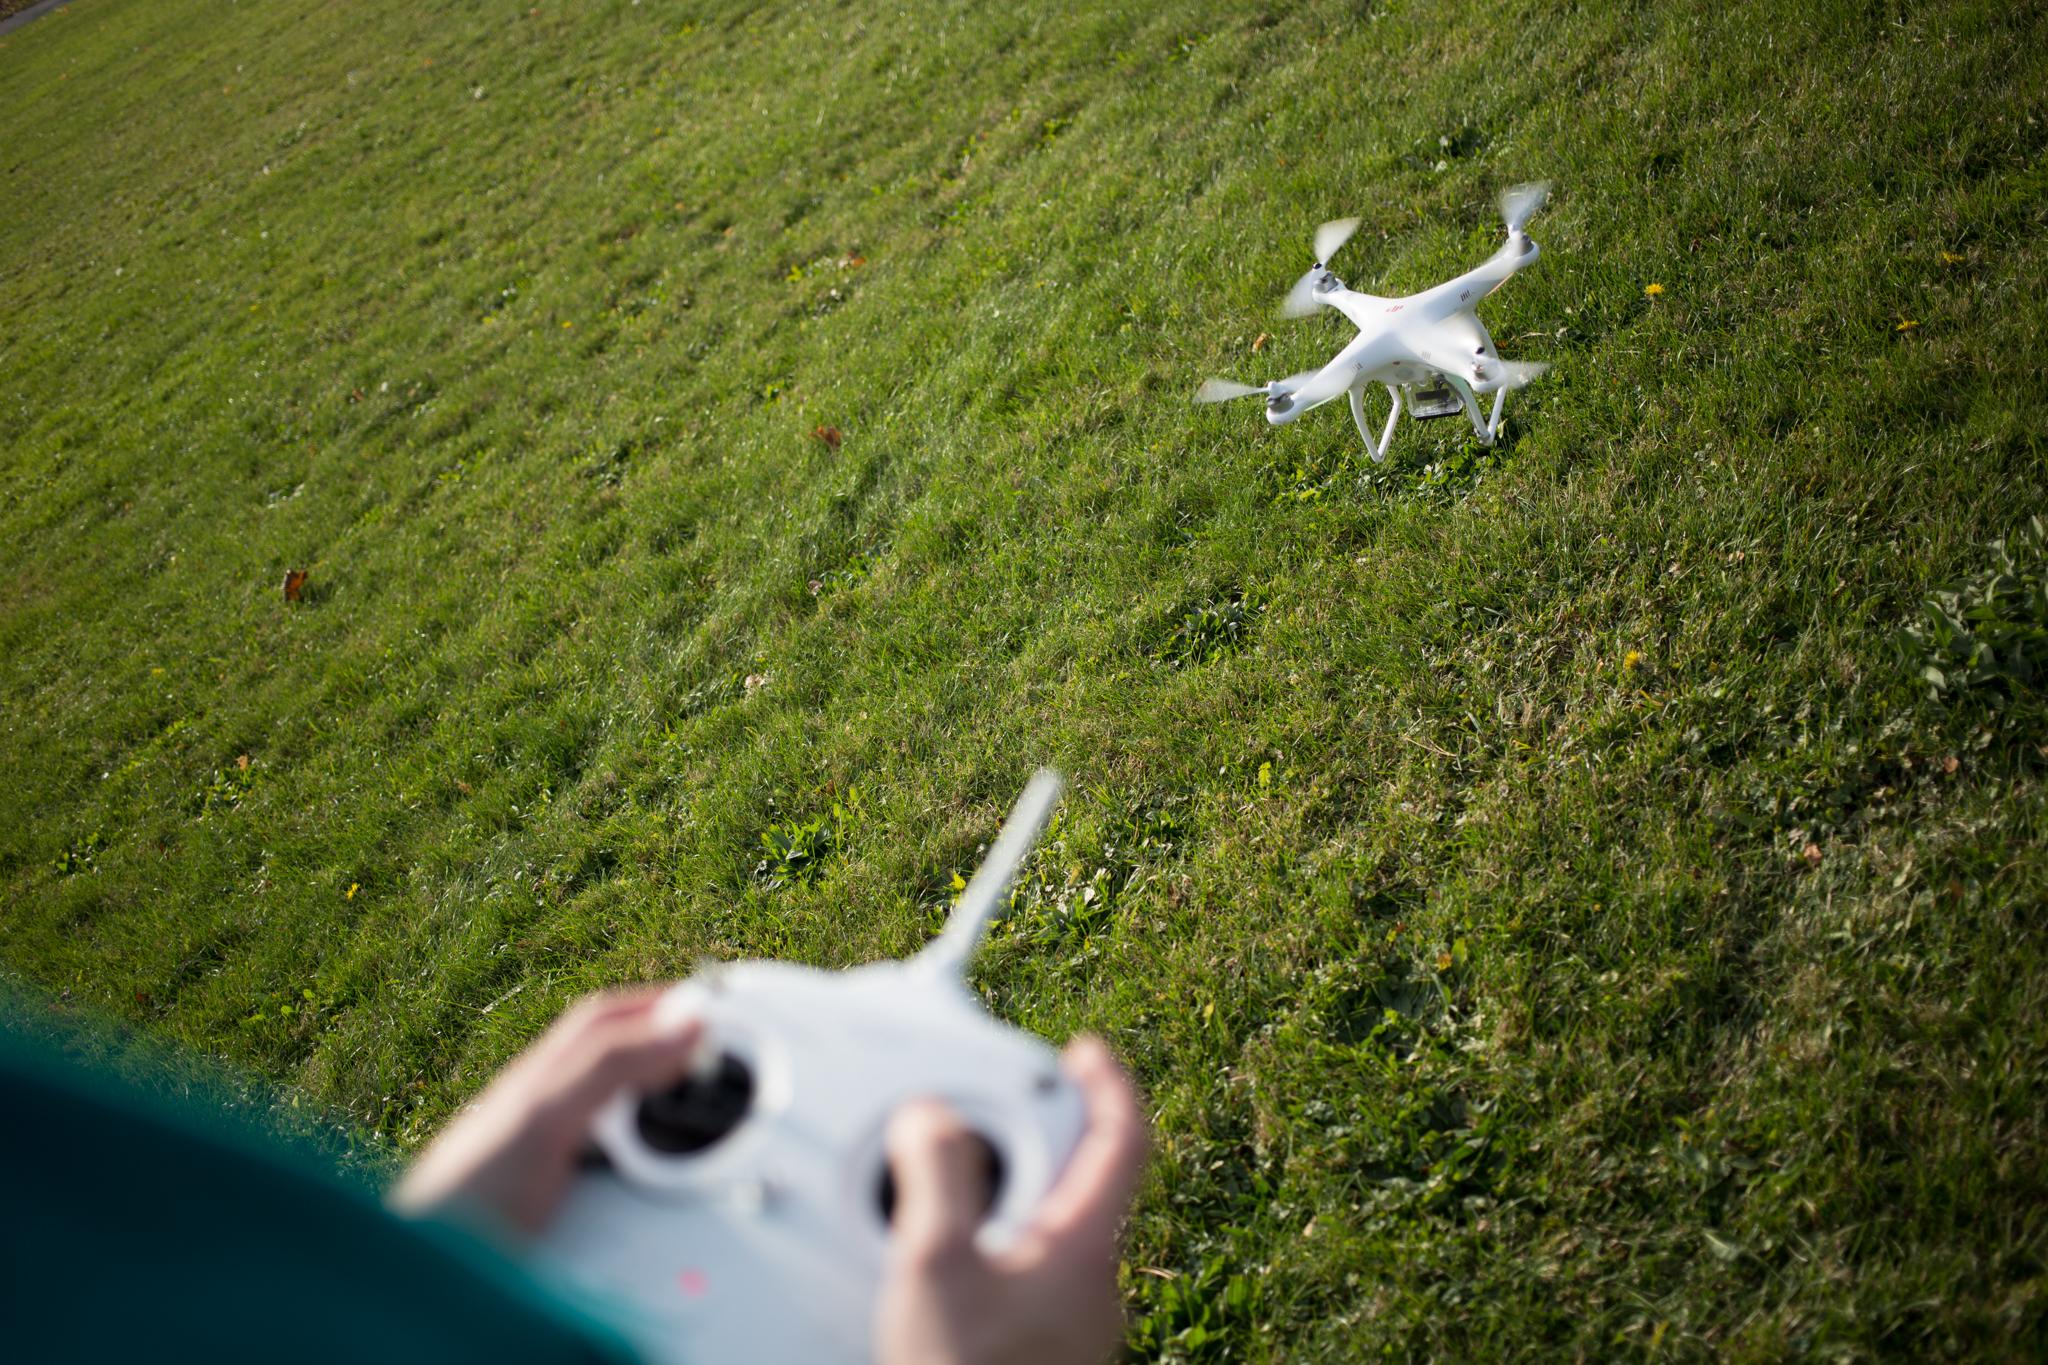 Stoll_Drones_5.jpg